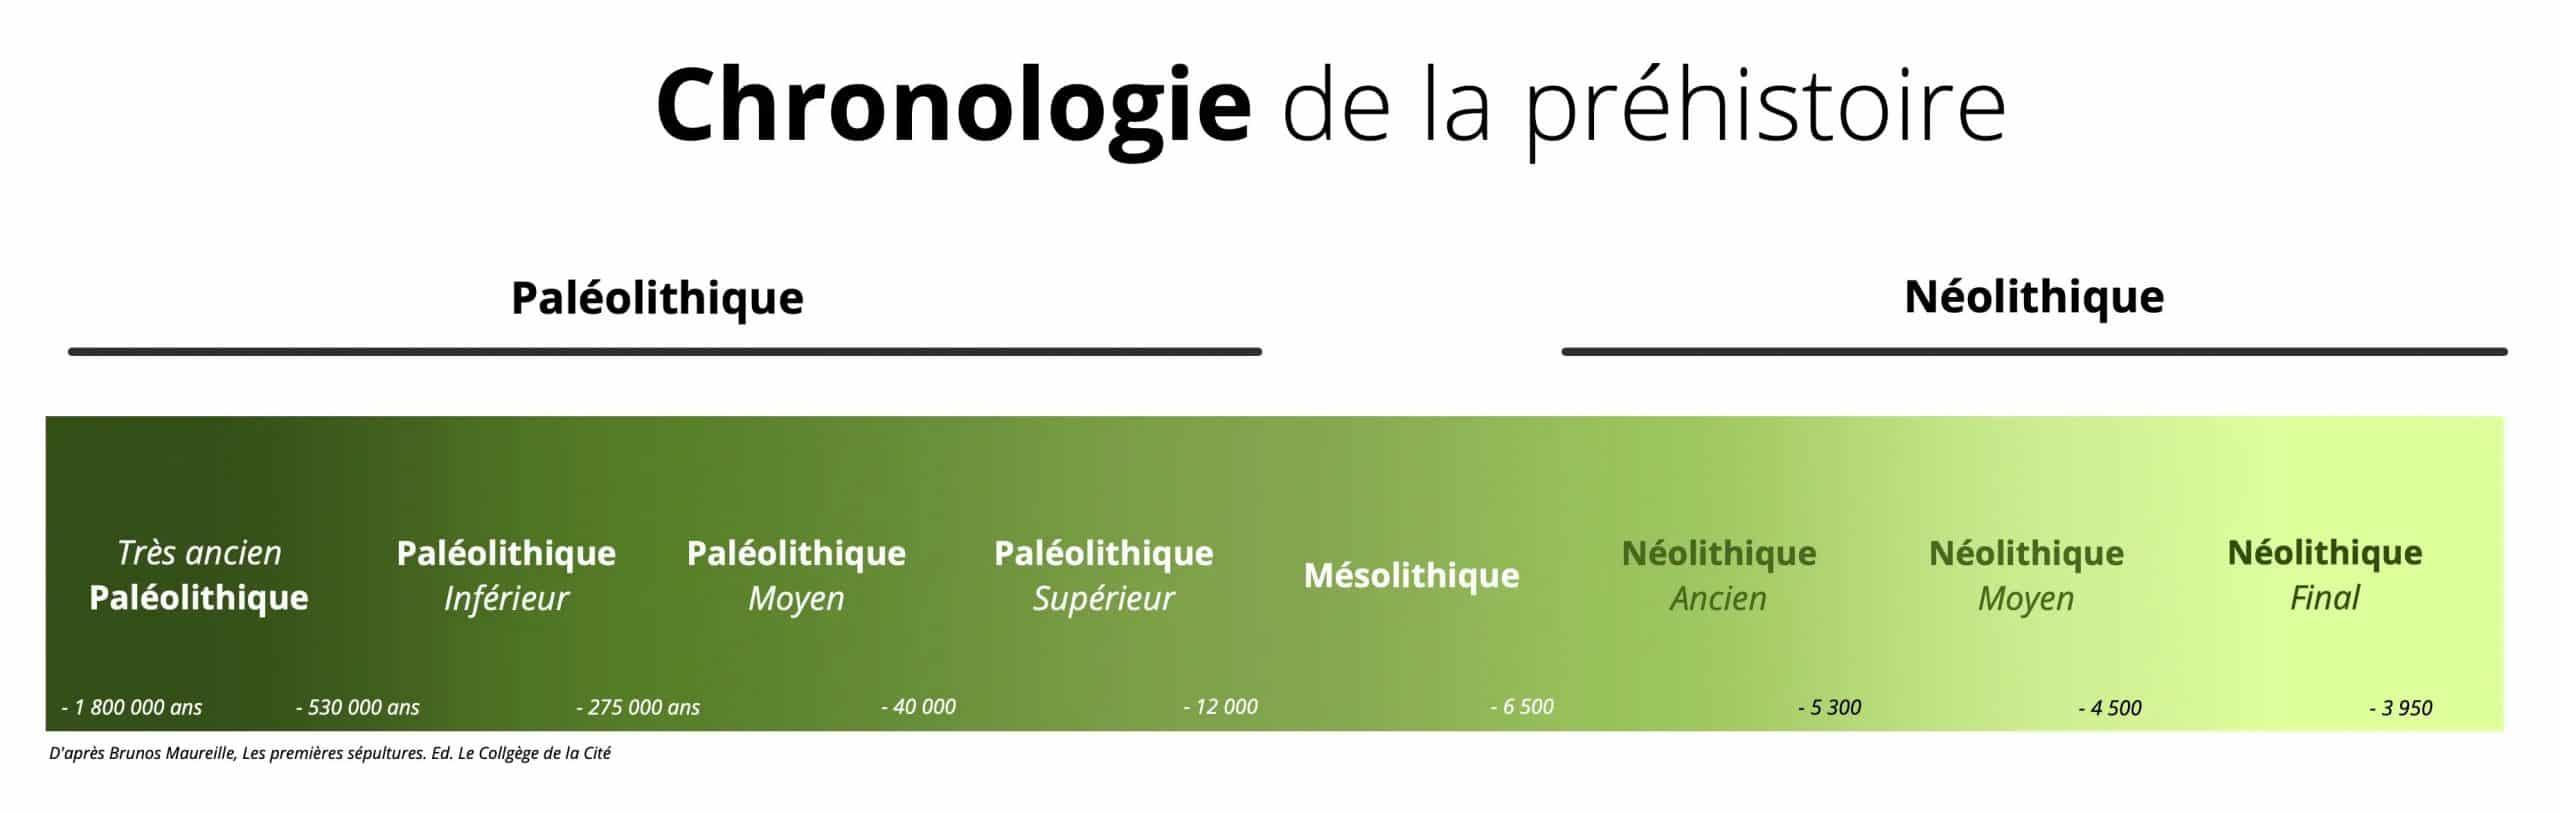 chronologie de la préhistoire